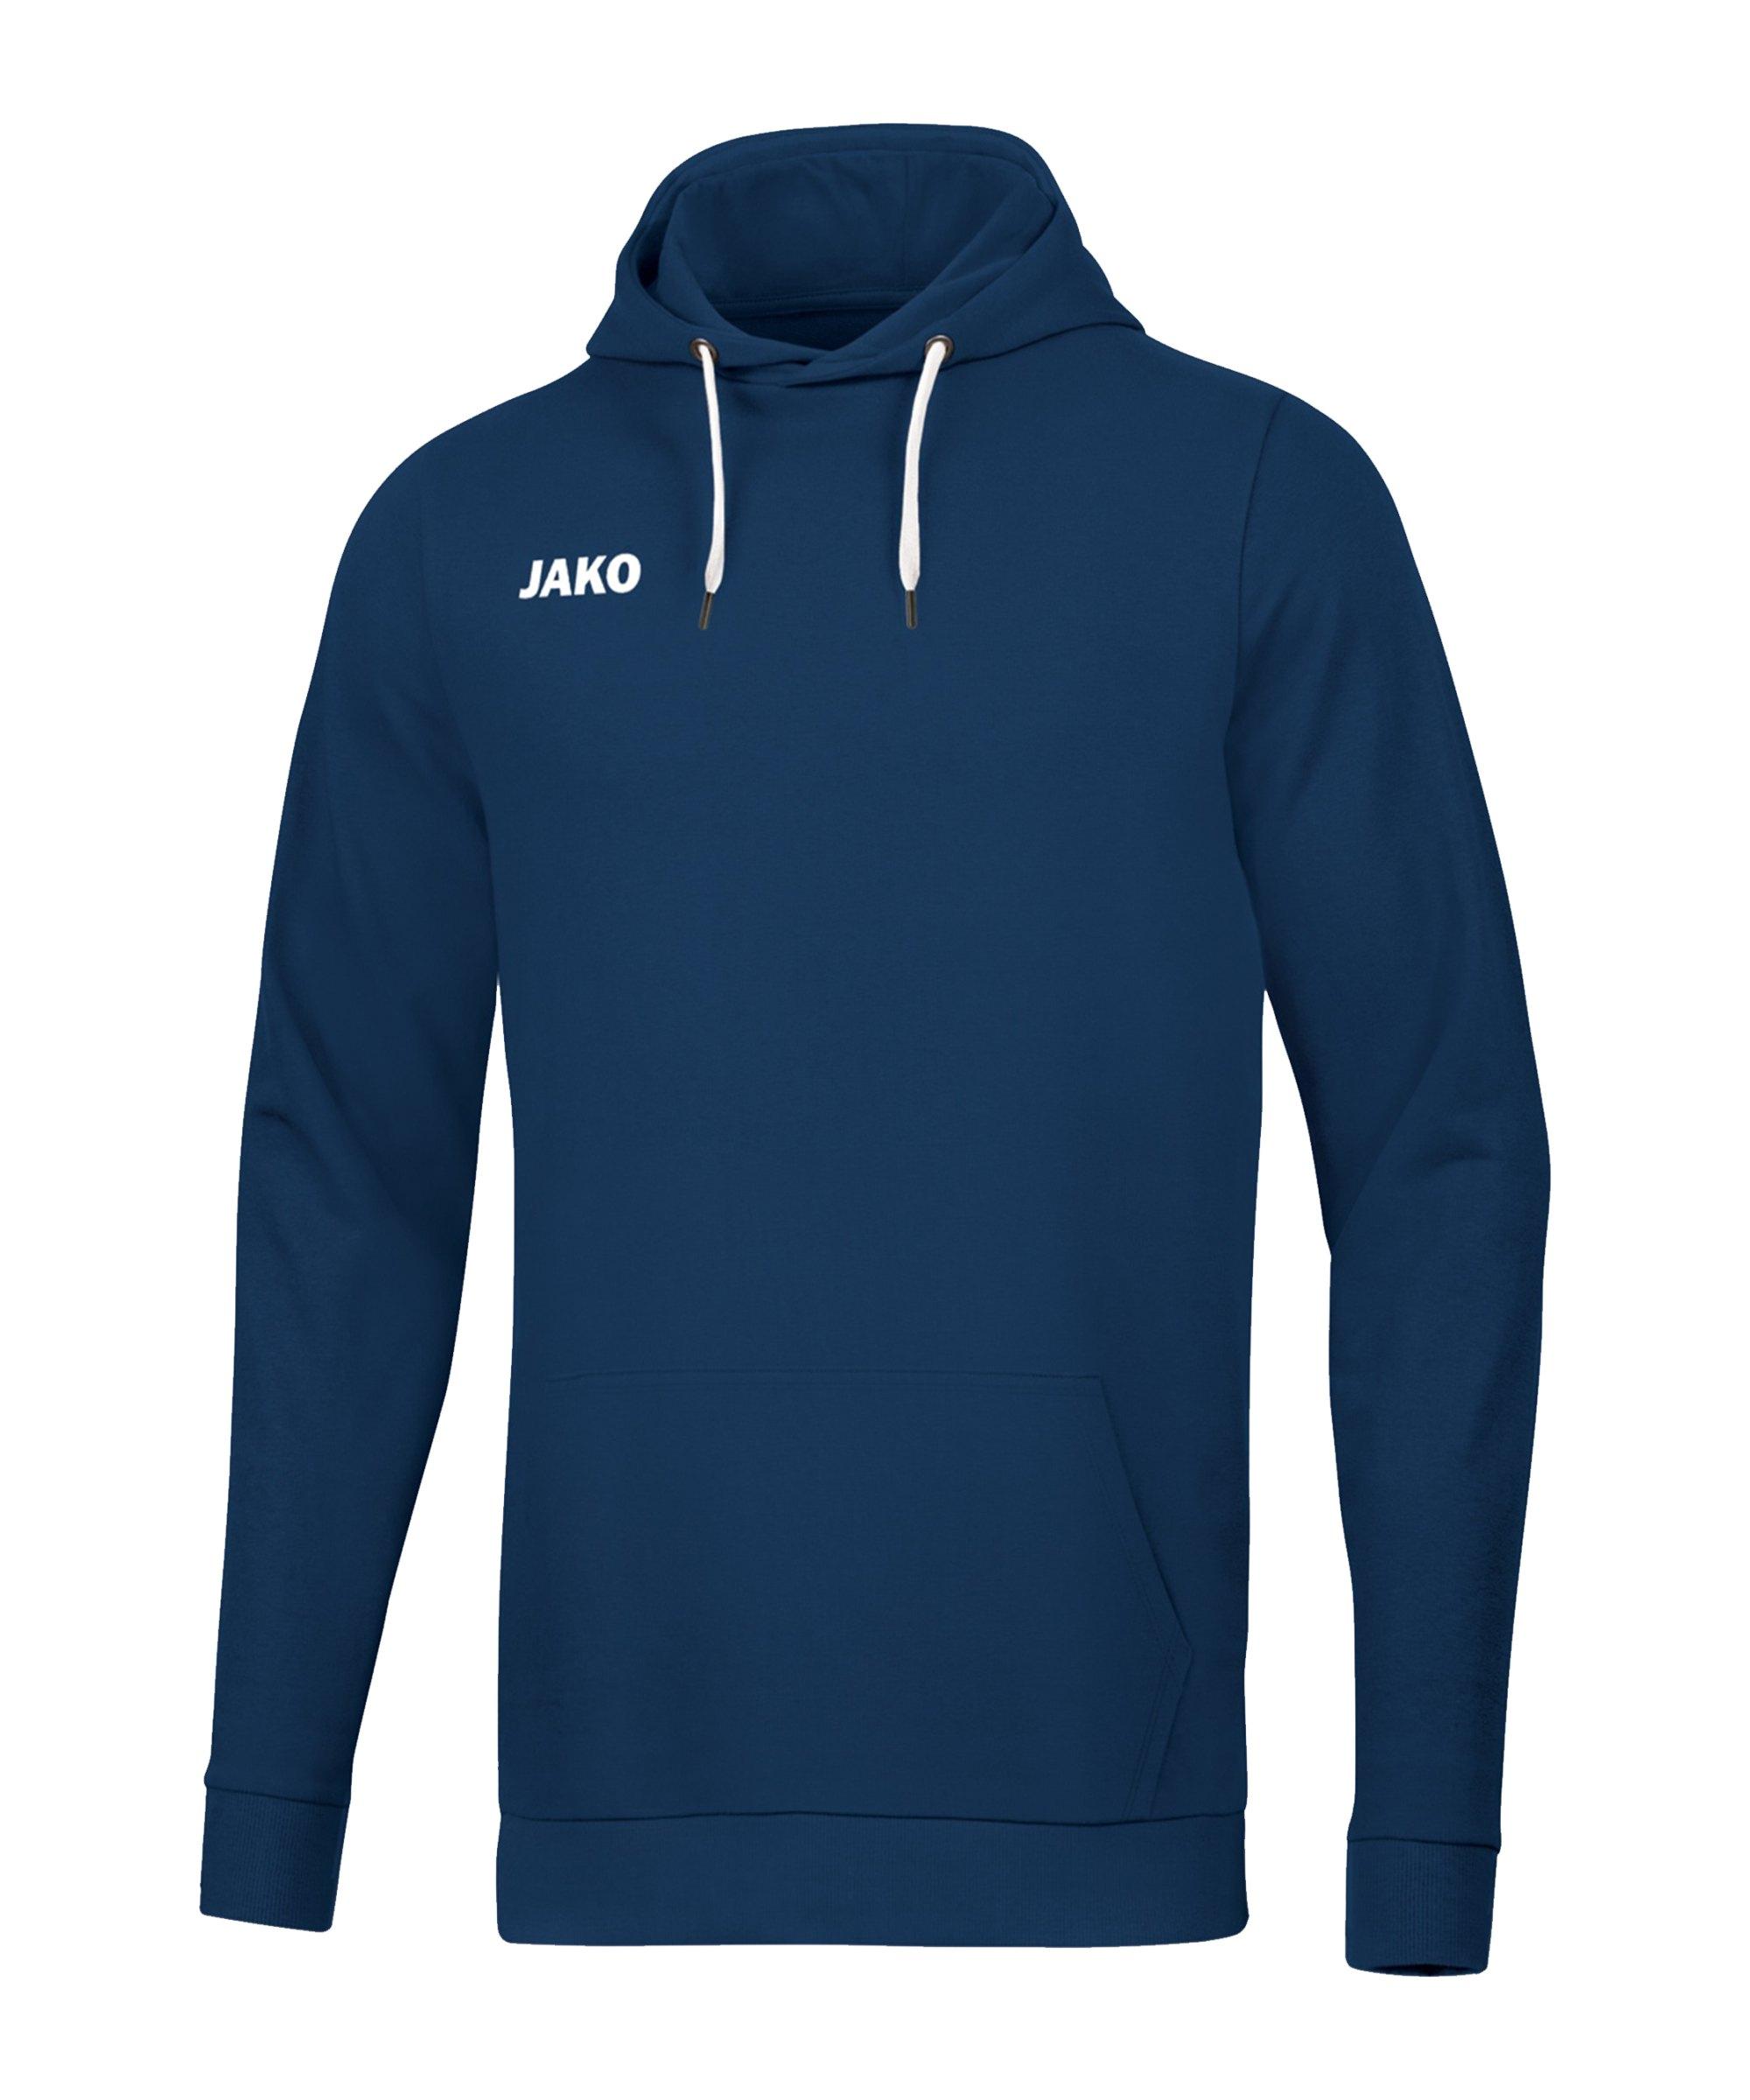 JAKO Base Hoody Kids Blau F09 - blau